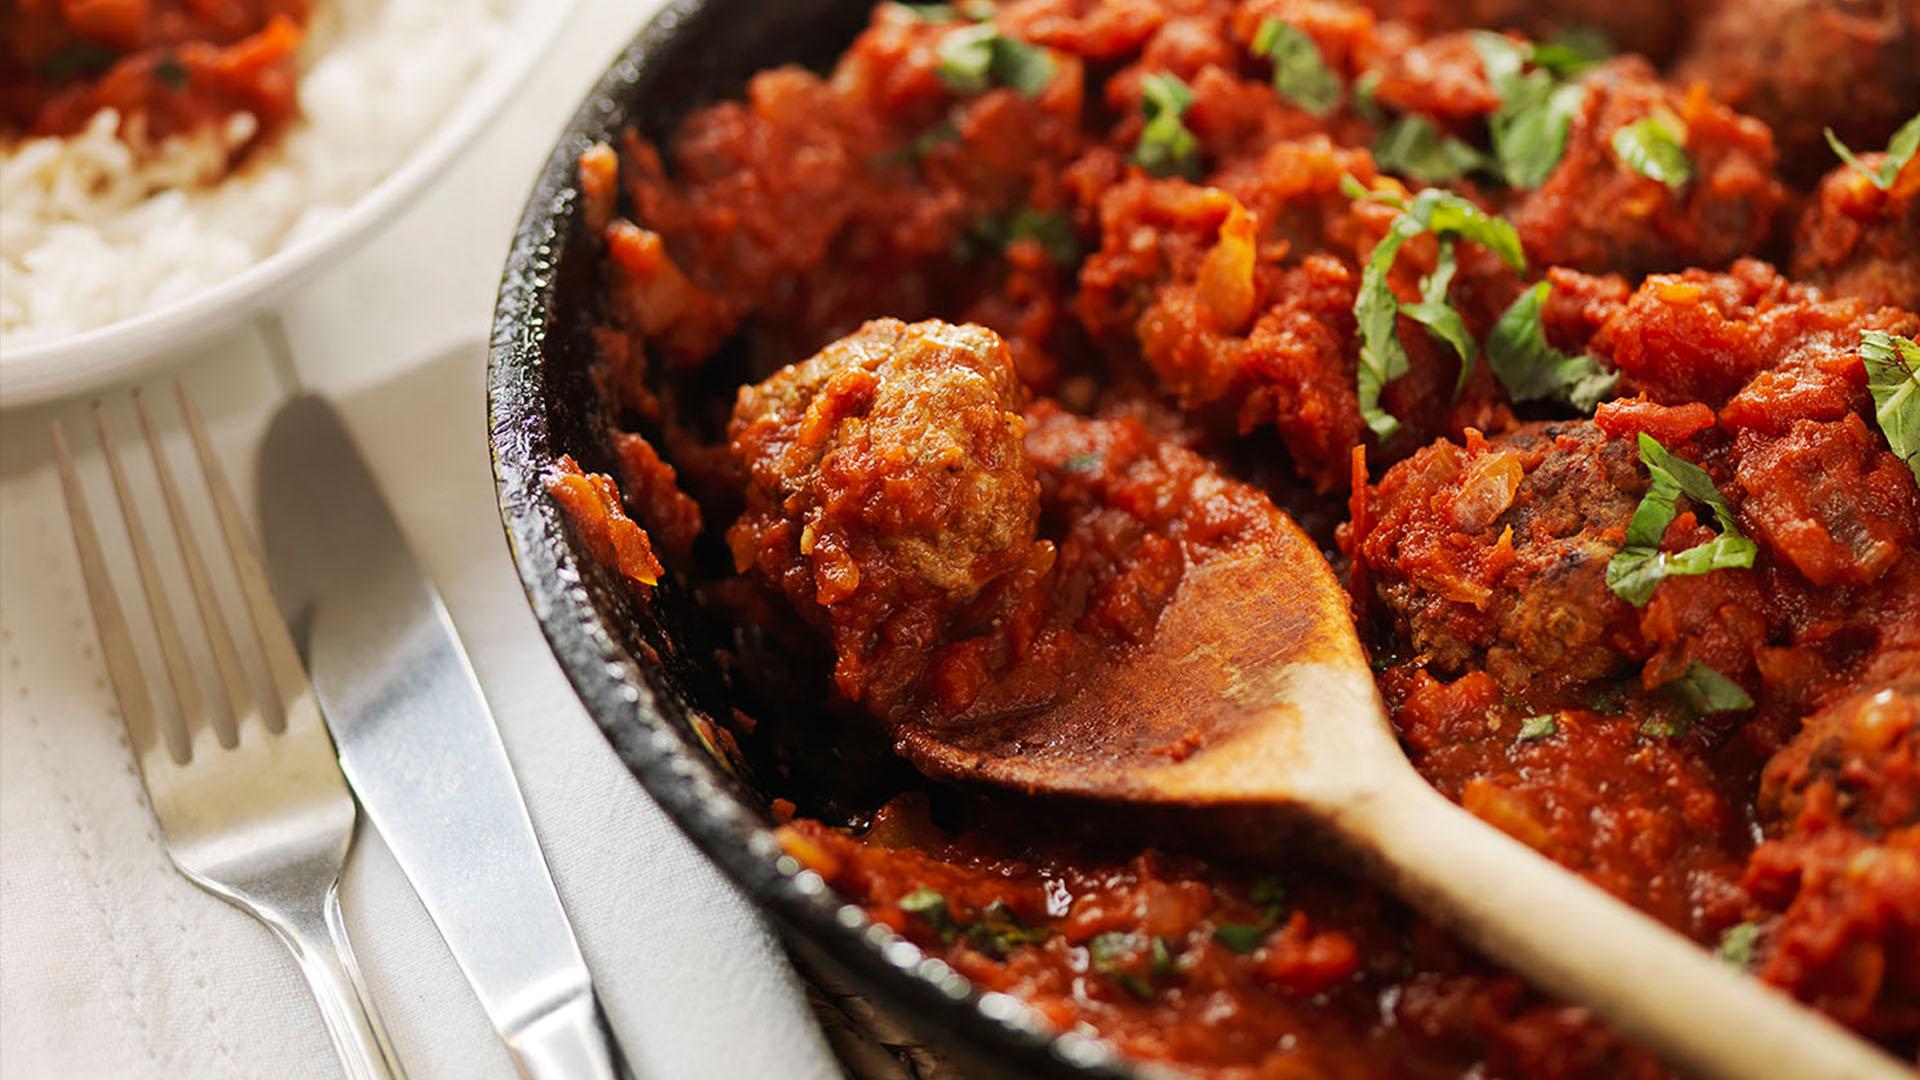 Gluten Free Meatballs In Tomato And Basil Sauce Gluten